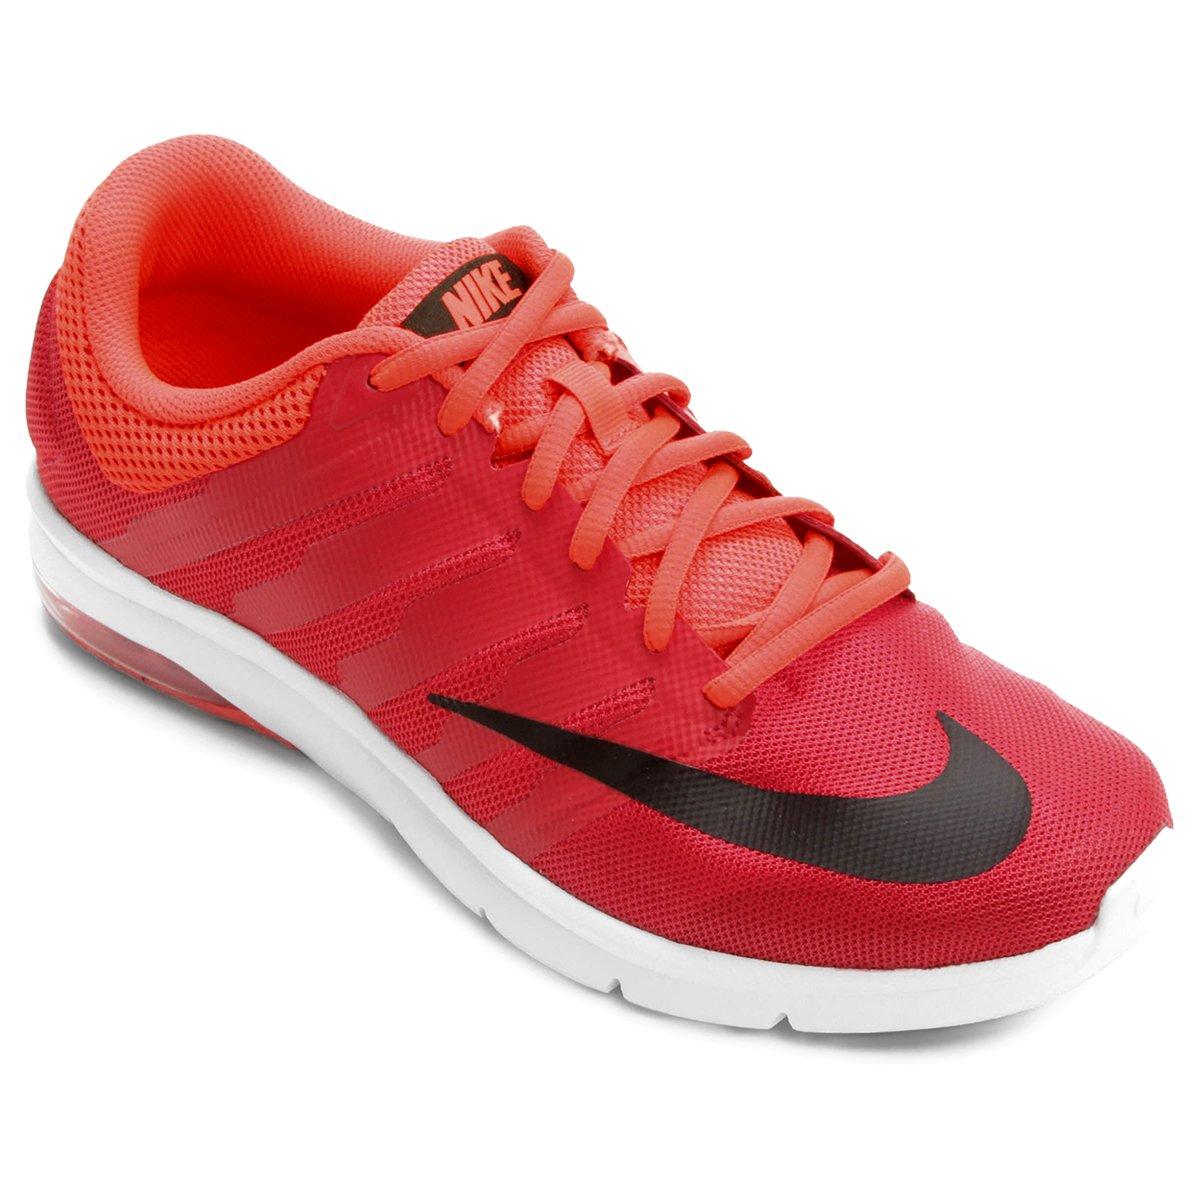 Tênis Loja Nike Air Max Era Masculino Compre Agora Loja Tênis do Inter  7c2e8f 8377a82a74a23